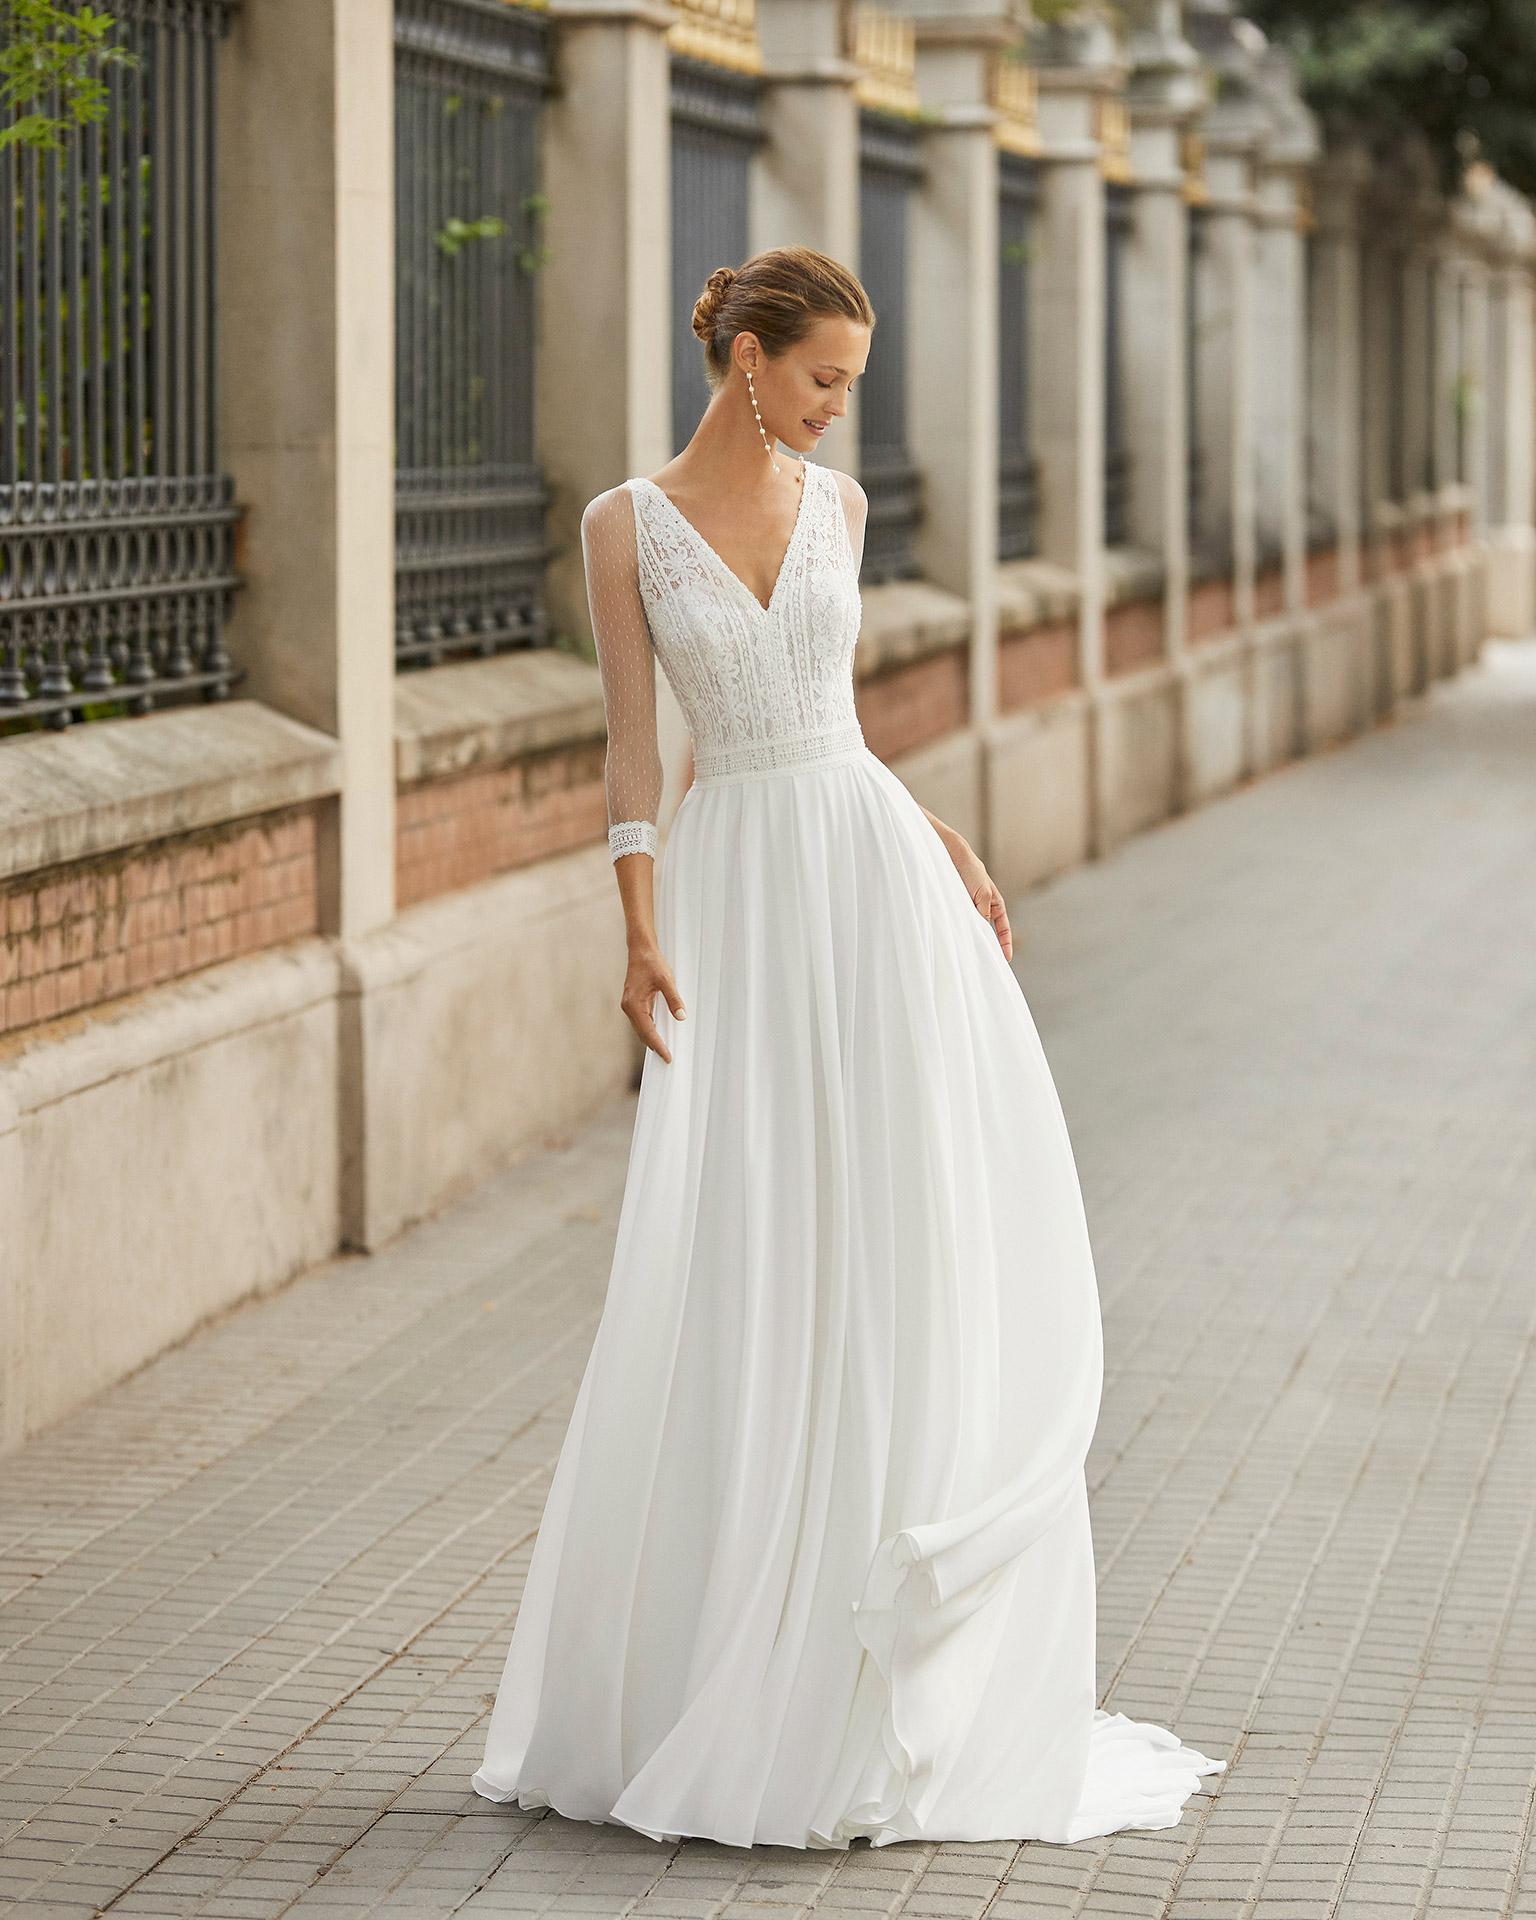 Vestido de novia ligero de georgette, encaje y pedrería. Escote en V, mangas 3/4 y espalda transparente. Colección  2022.